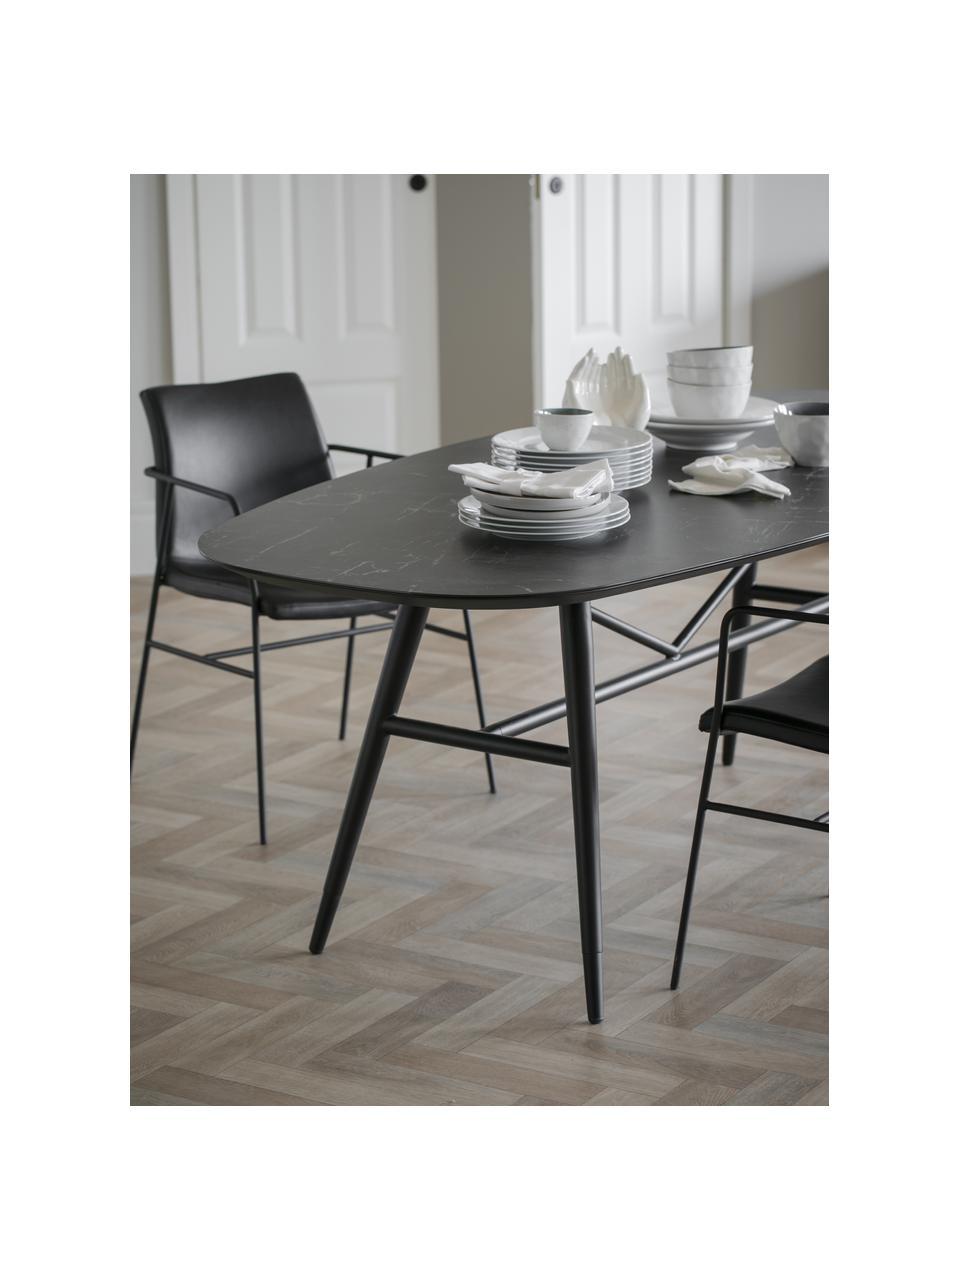 Esstisch Springdale in Marmor-Optik, Tischplatte: Mitteldichte Holzfaserpla, Beine: Metall, pulverbeschichtet, Schwarz, B 200 x T 98 cm